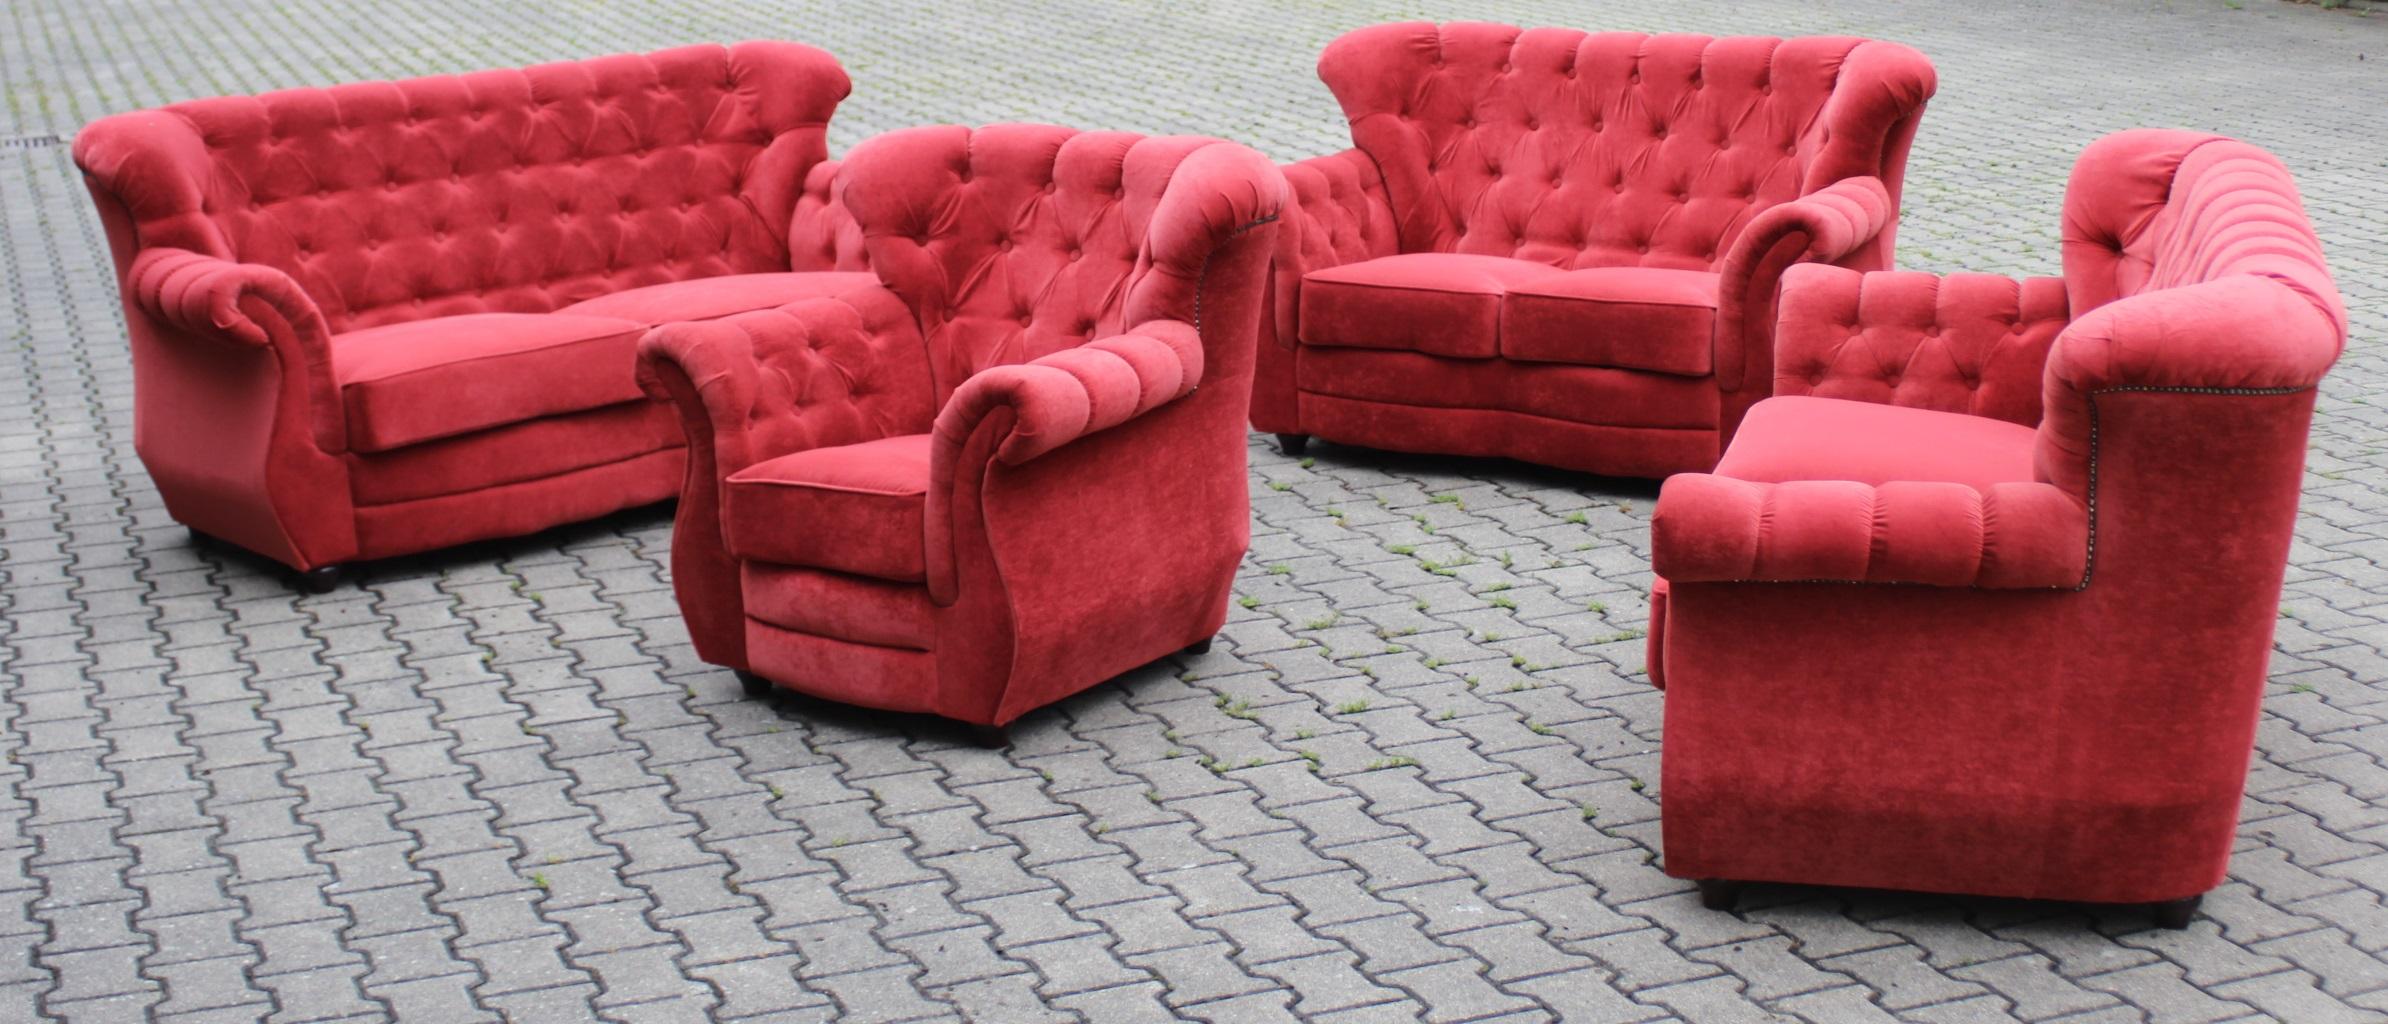 chesterfield sofas sofa robert von jvmoebel kaufen m belhaus online in der schweiz. Black Bedroom Furniture Sets. Home Design Ideas